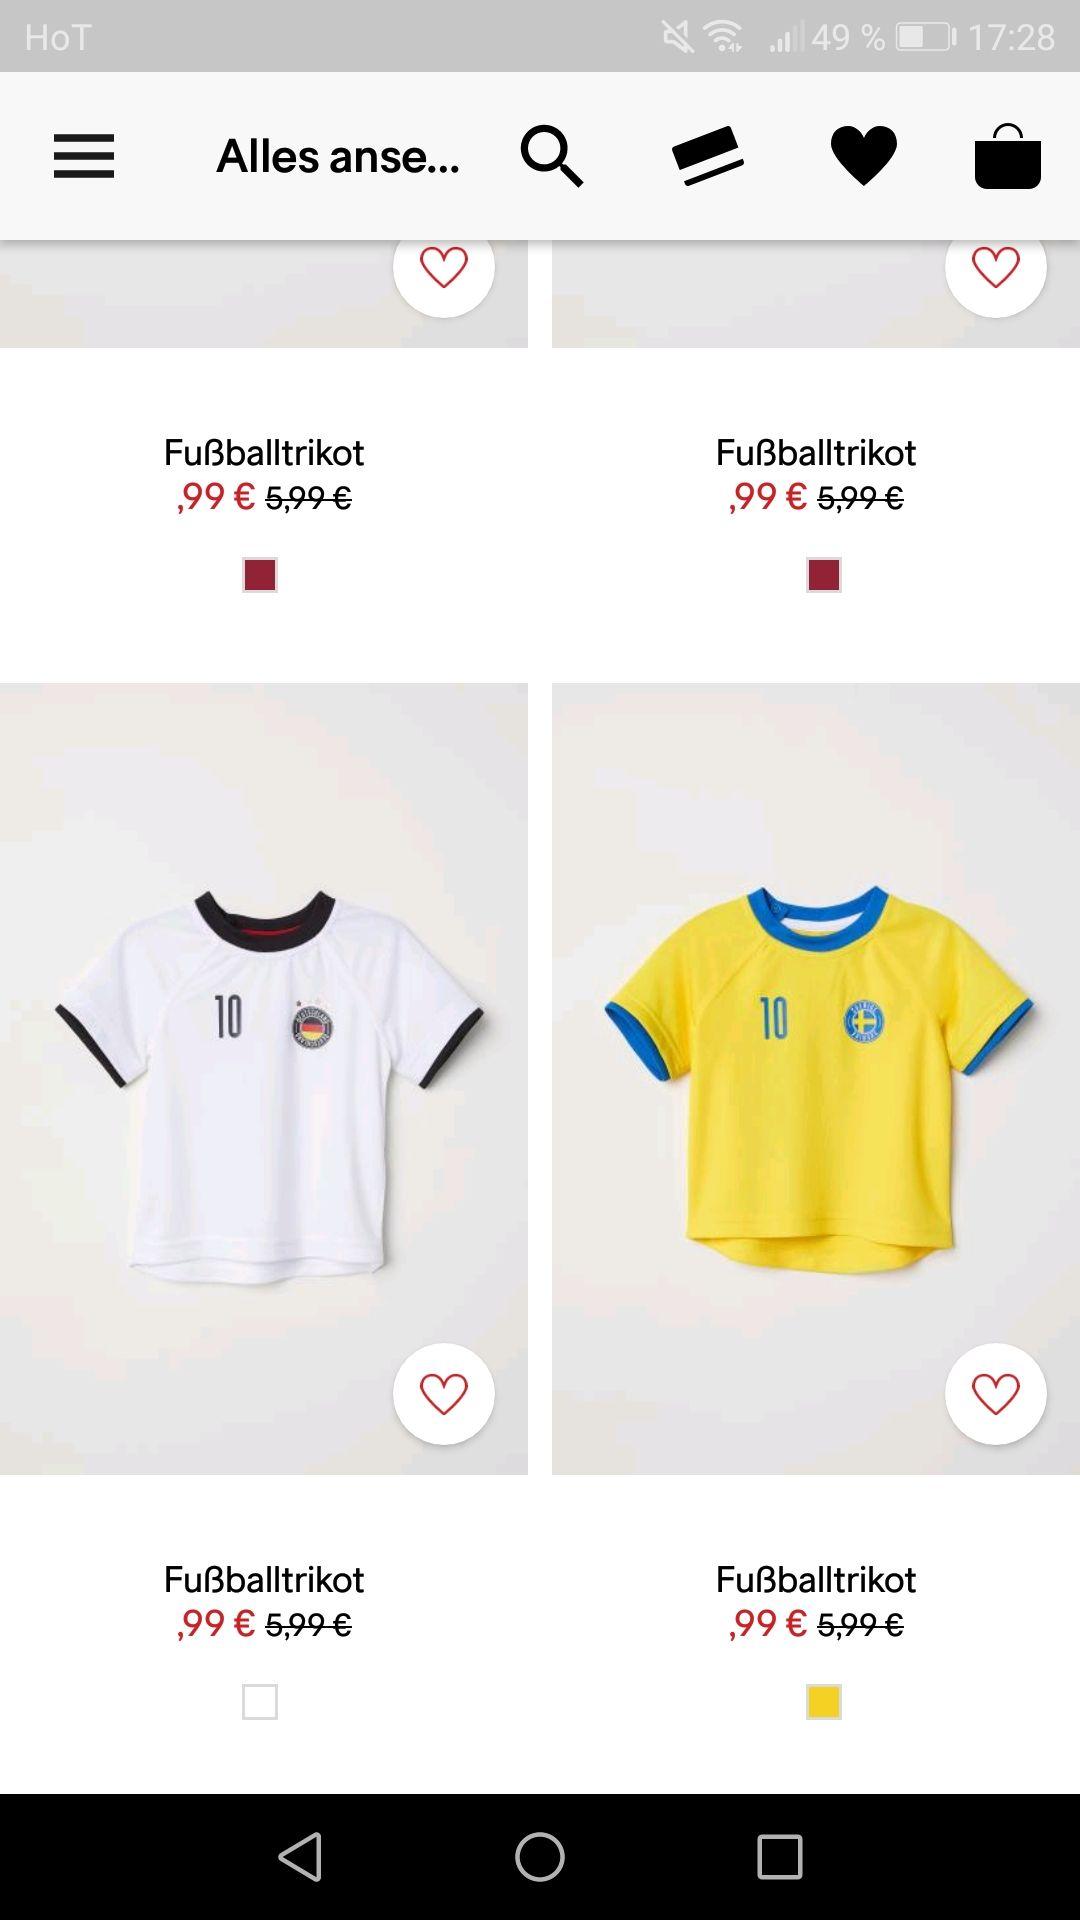 H&M online Fußballtrikots für Kleinkinder um 0,99 (für Clubmitglieder Gratis versand)